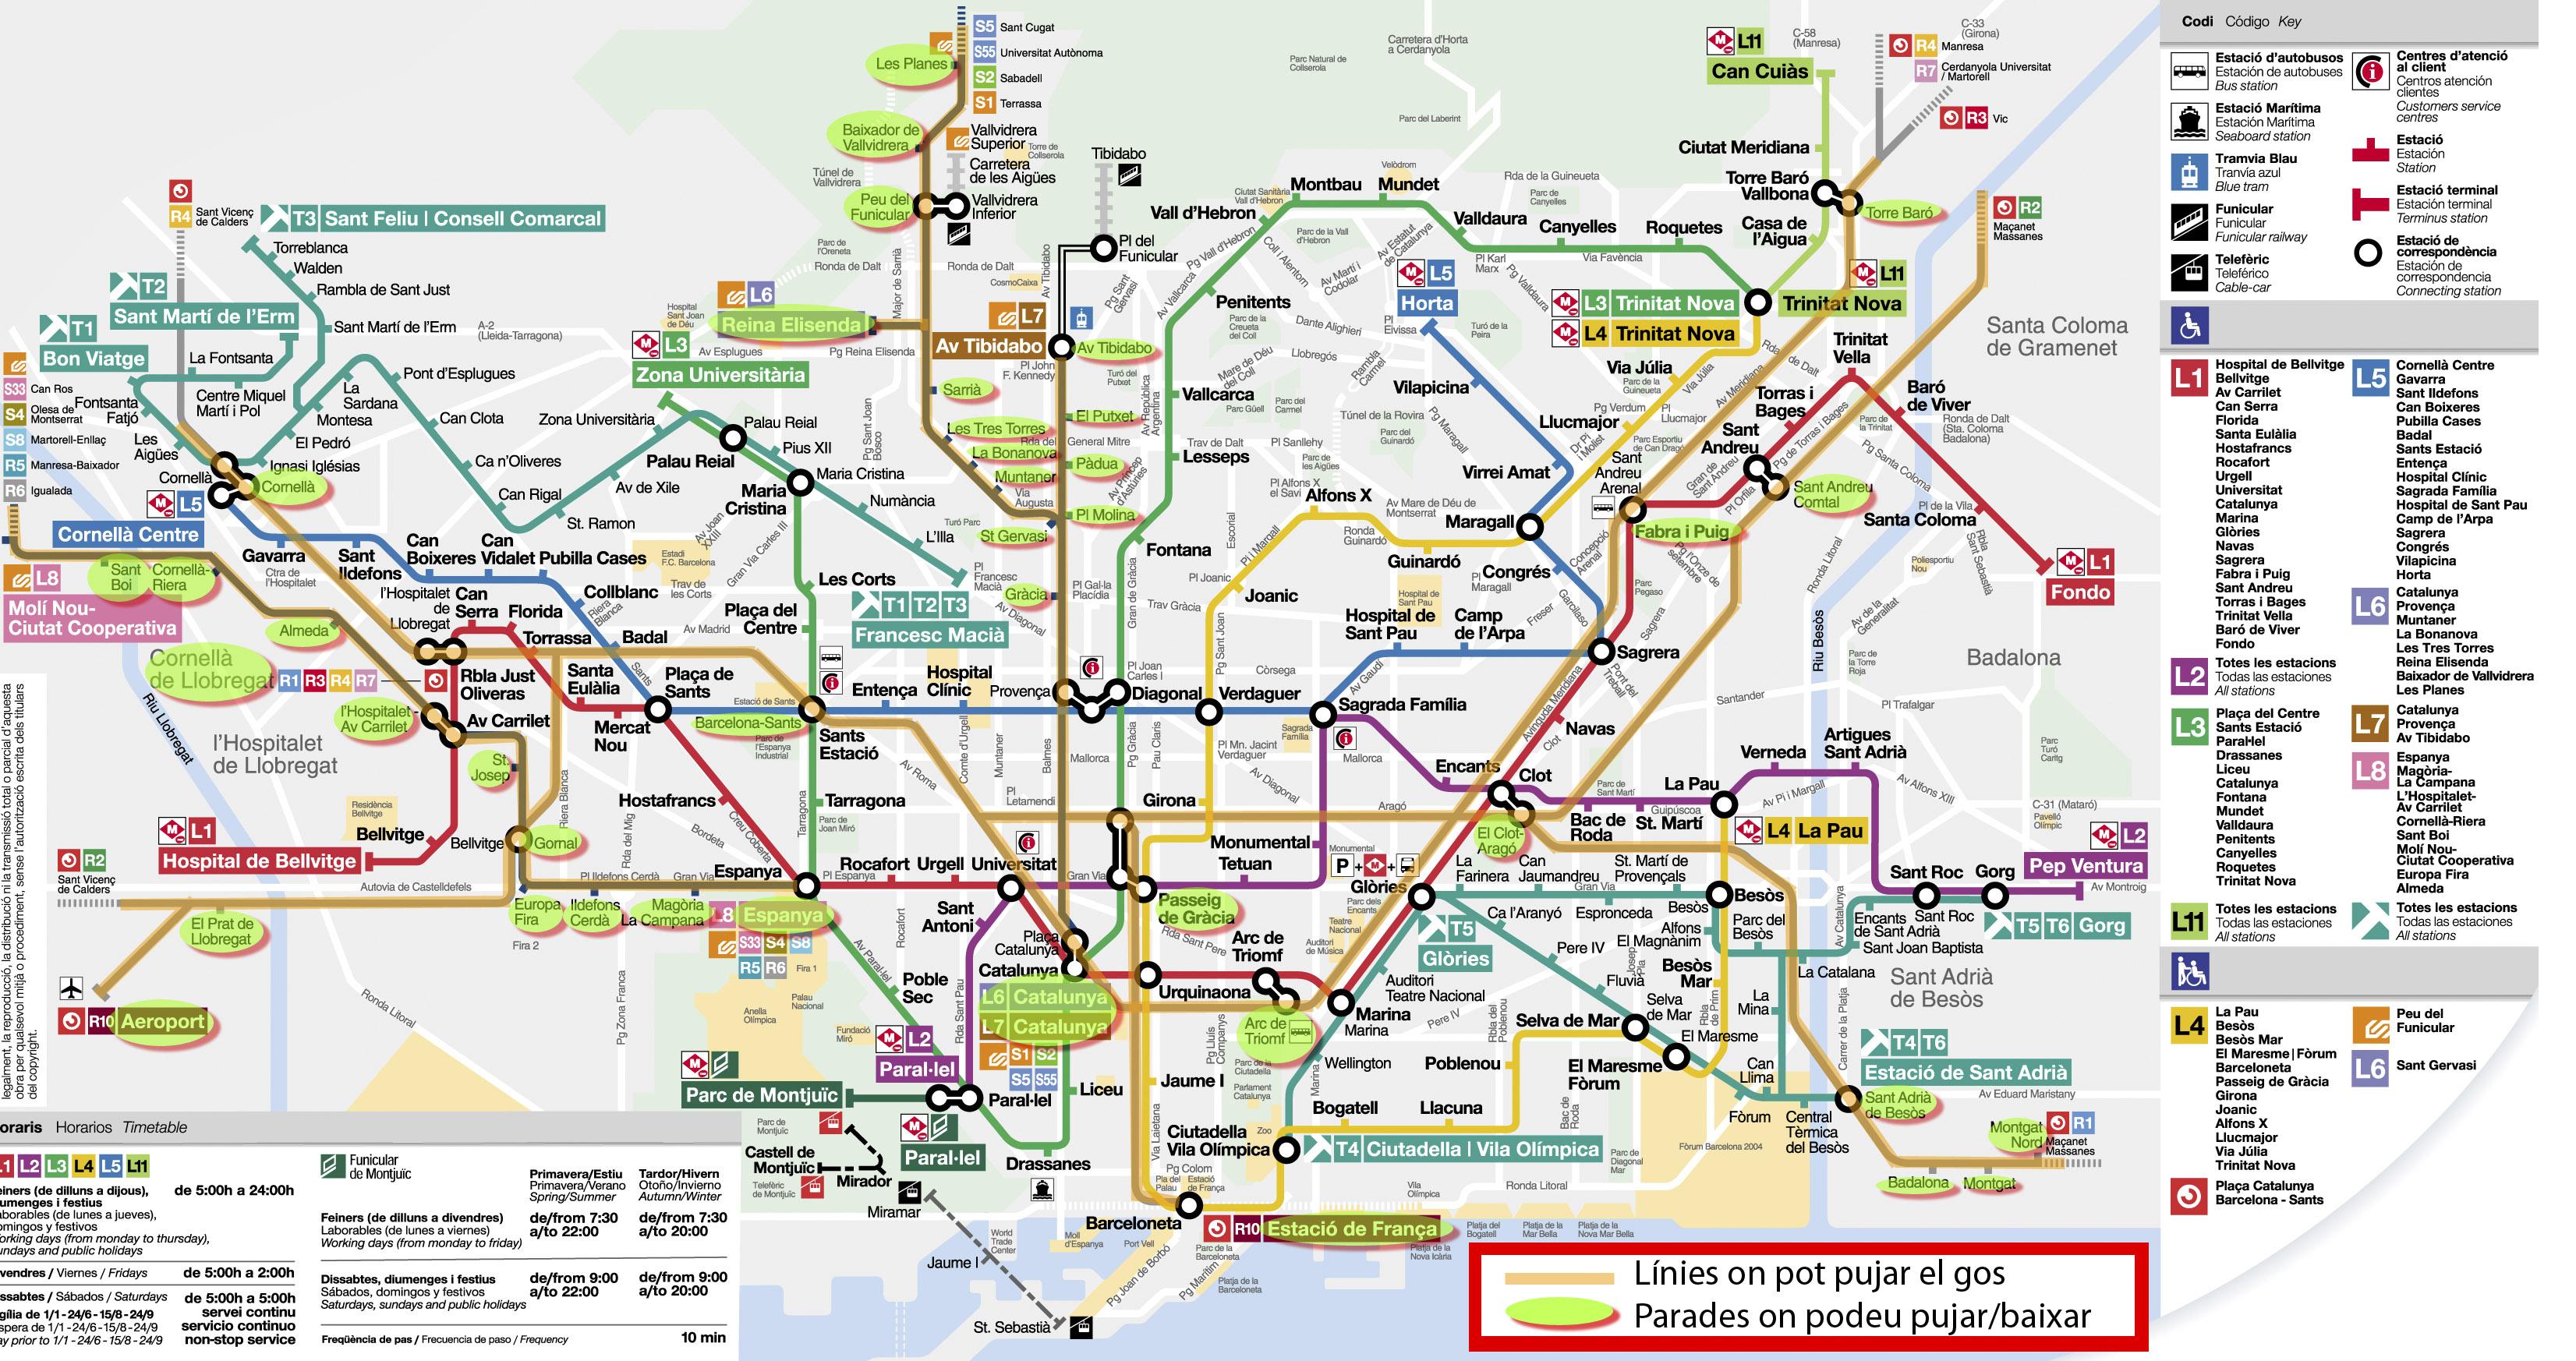 Схема метро в Барселоне